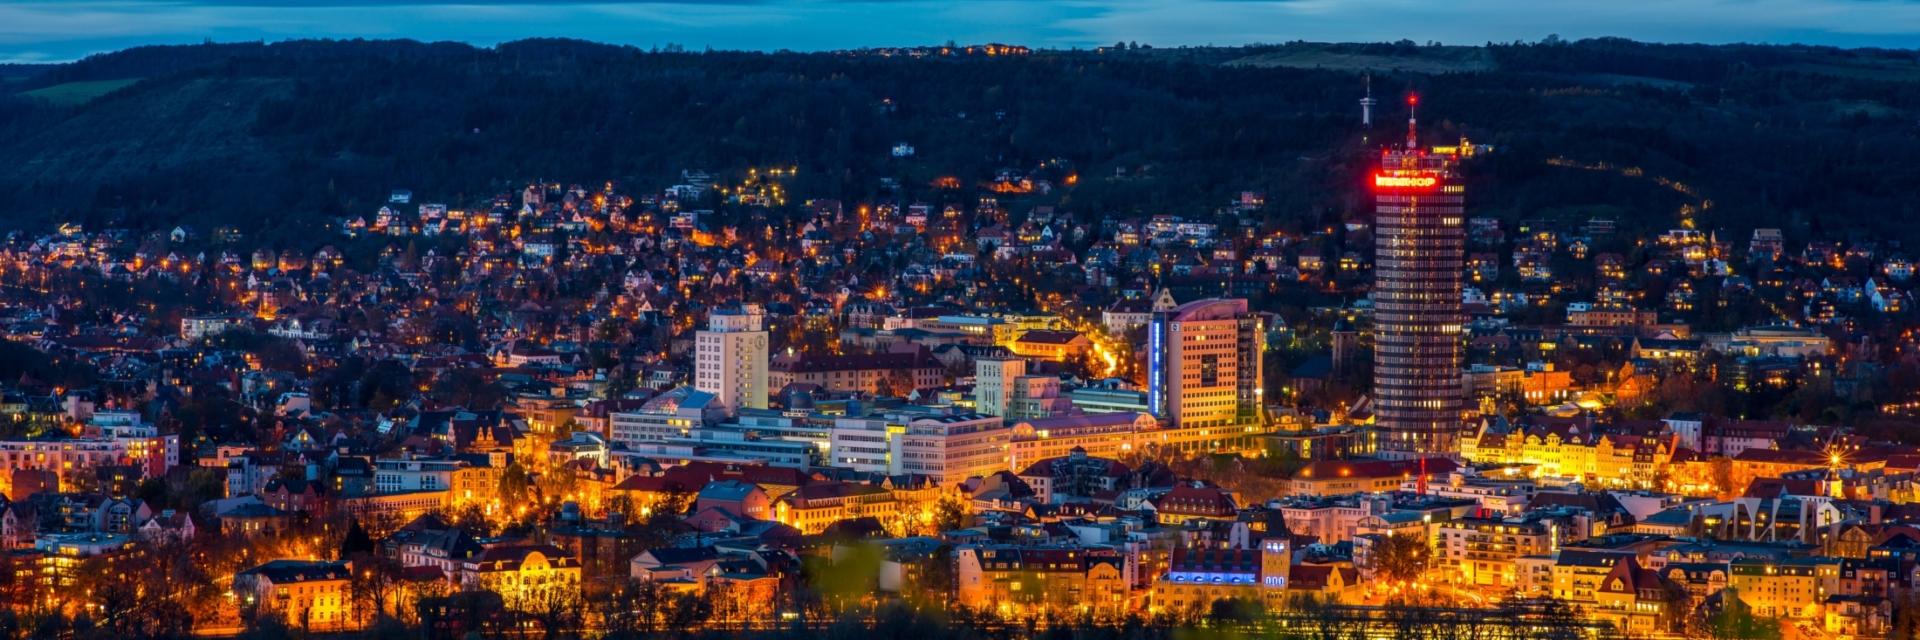 Einblick-Ausblick-Lichtblick: Blaue Stunde über der Innenstadt Jenas